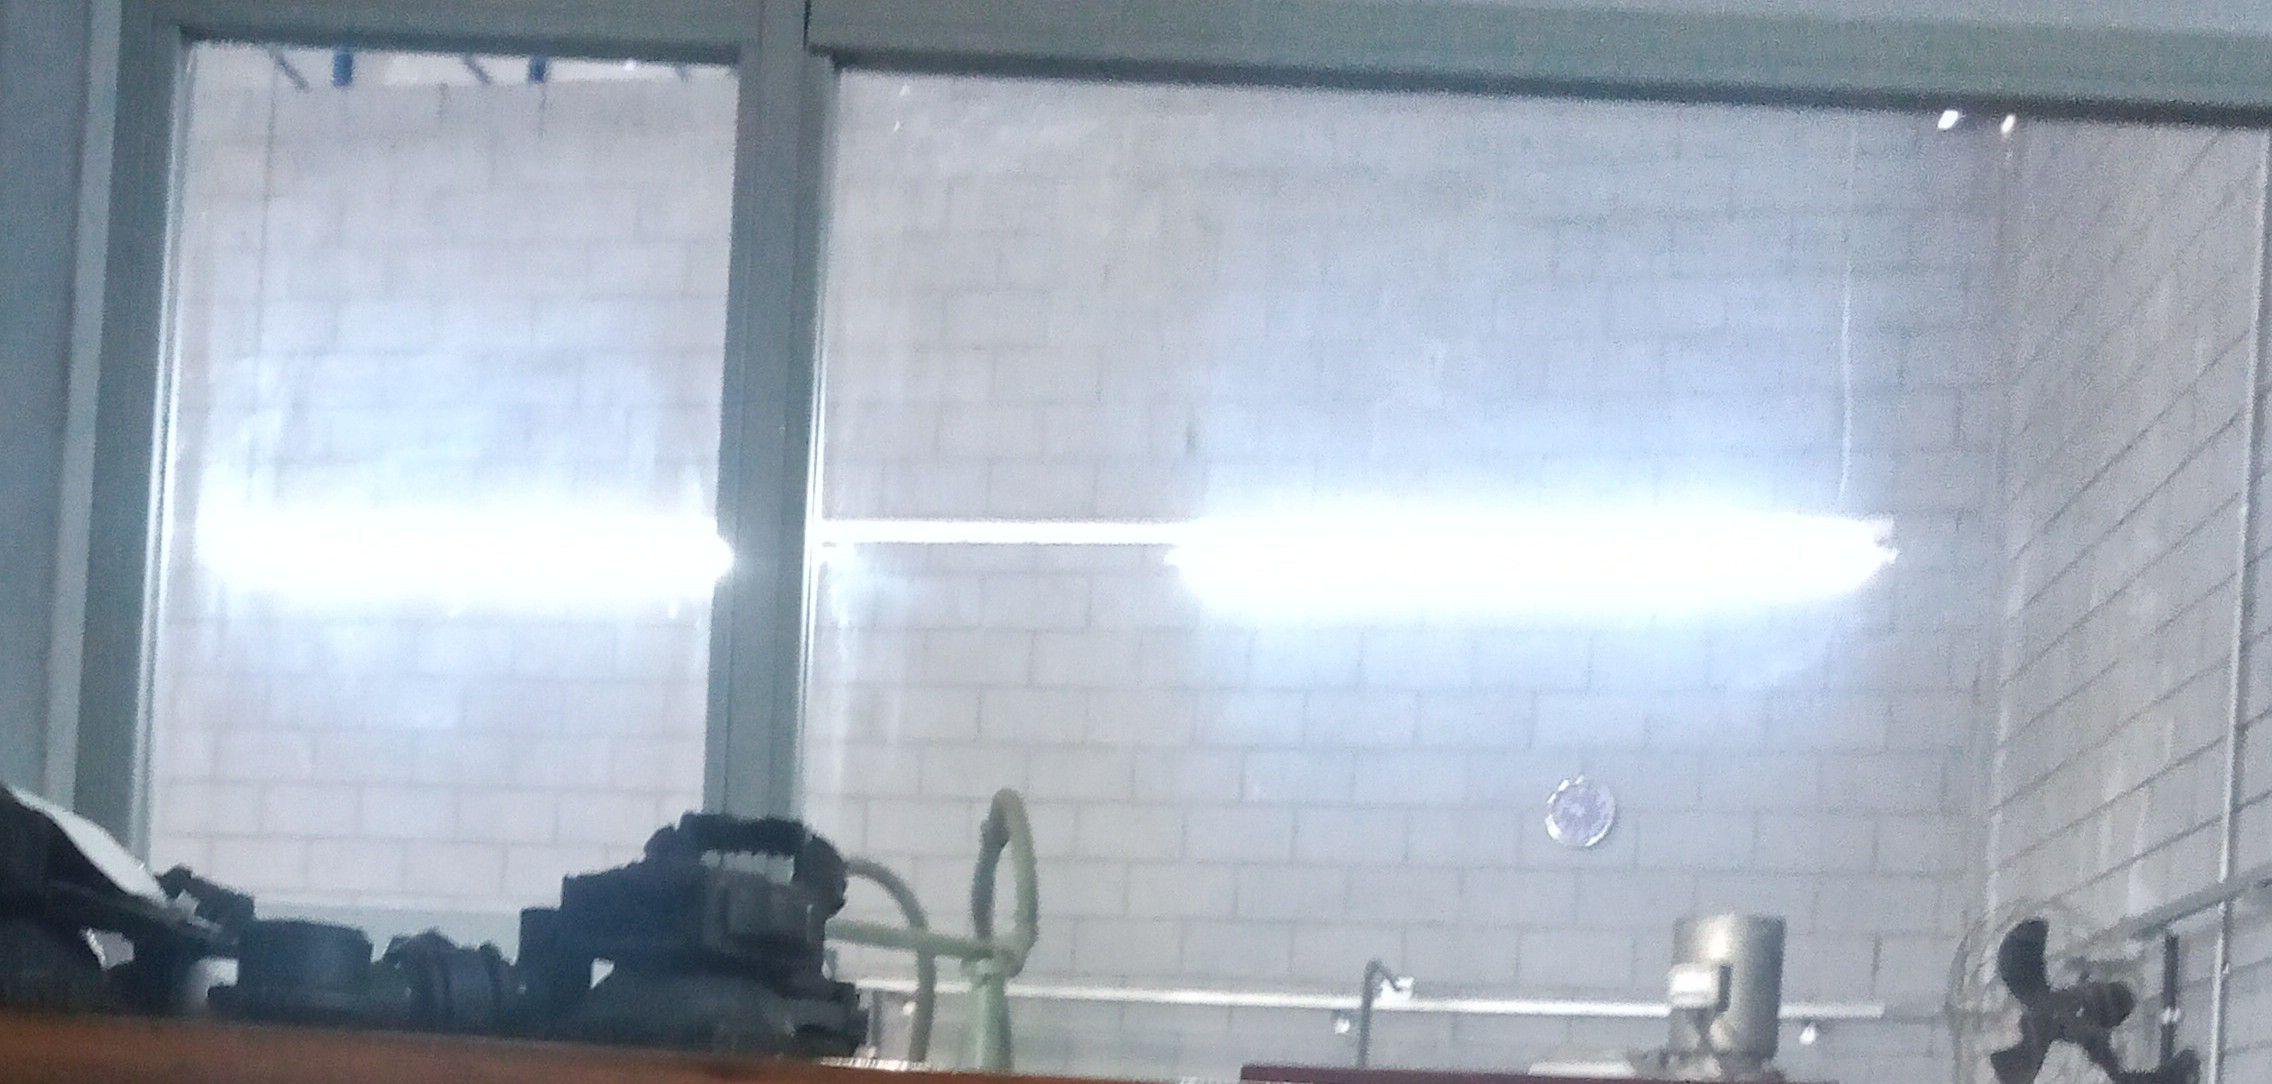 e espelhos limpos e brilhantes a fábrica que limpo